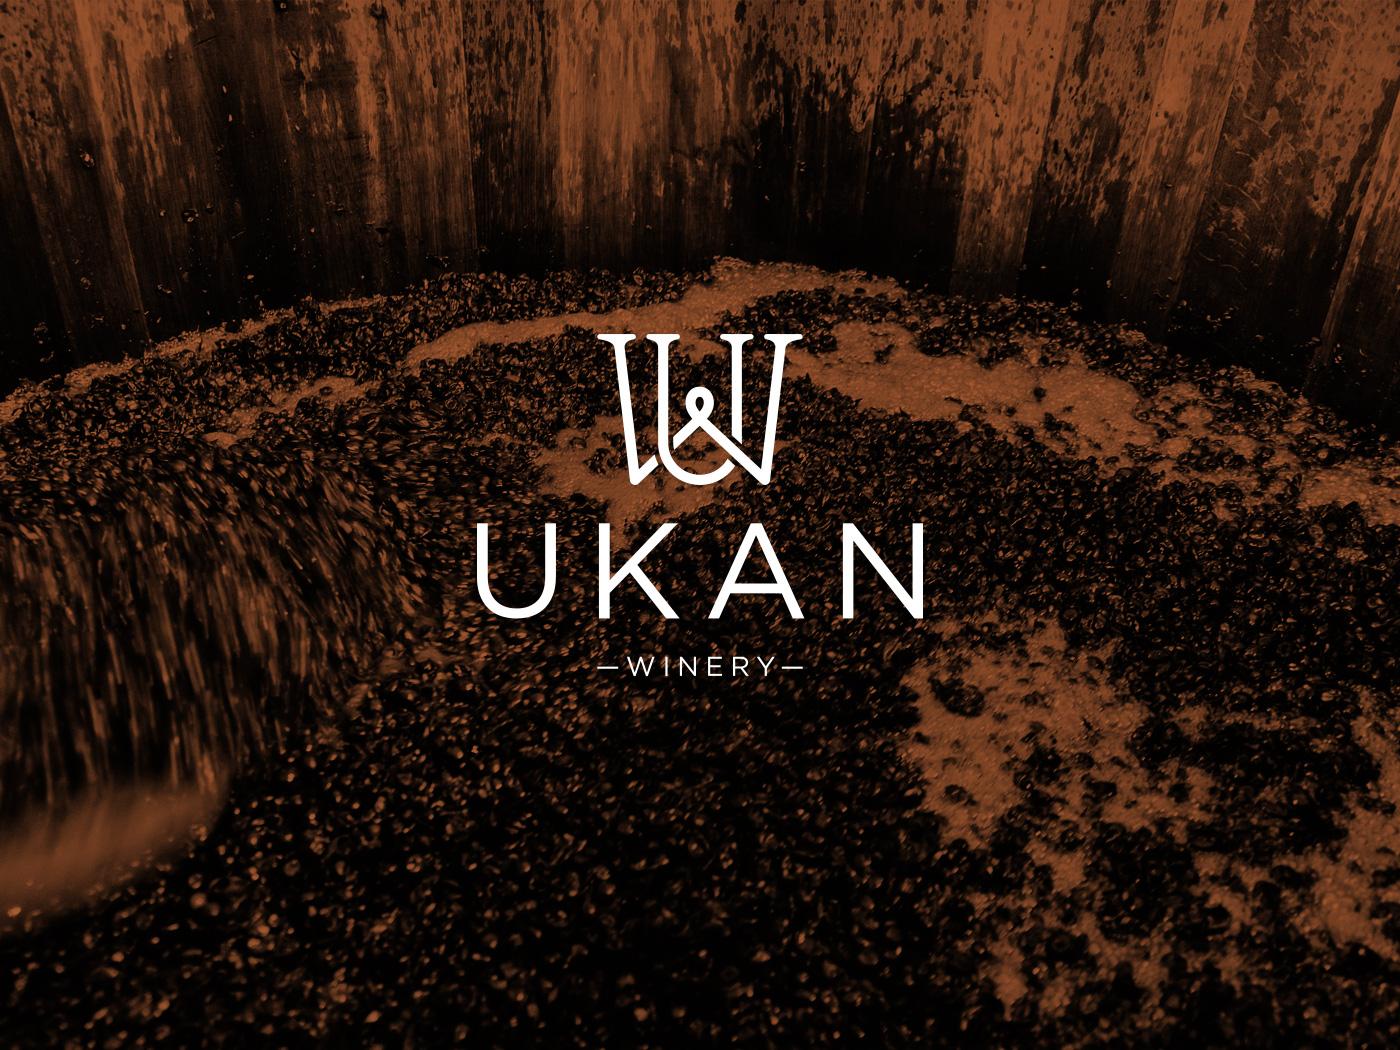 Ukan Winery Logotipo